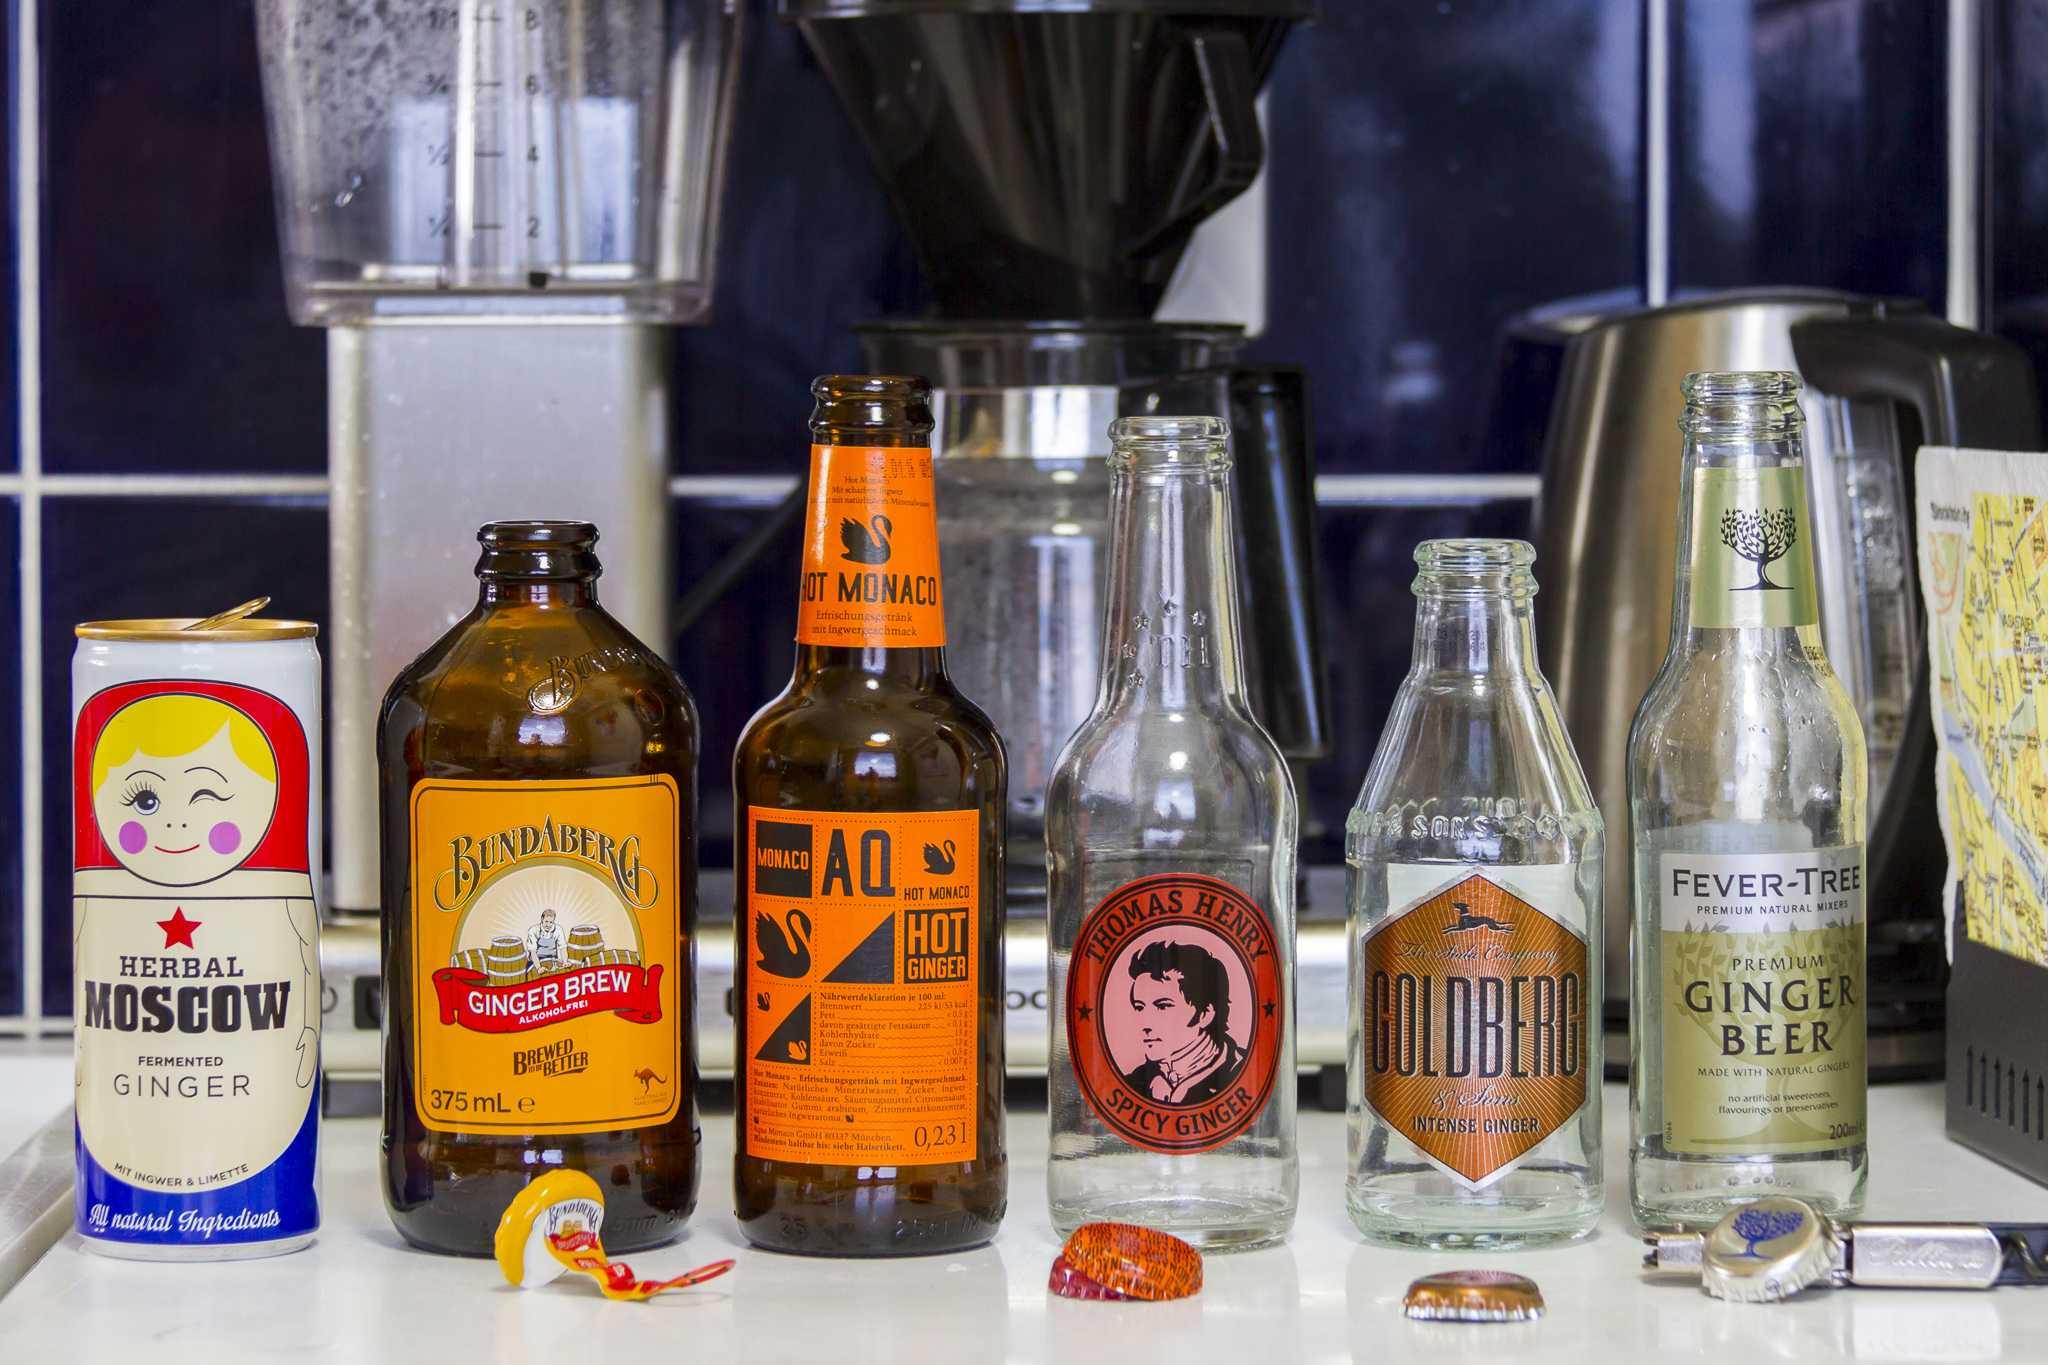 Ginger_beer_bottle_assortment.jpg